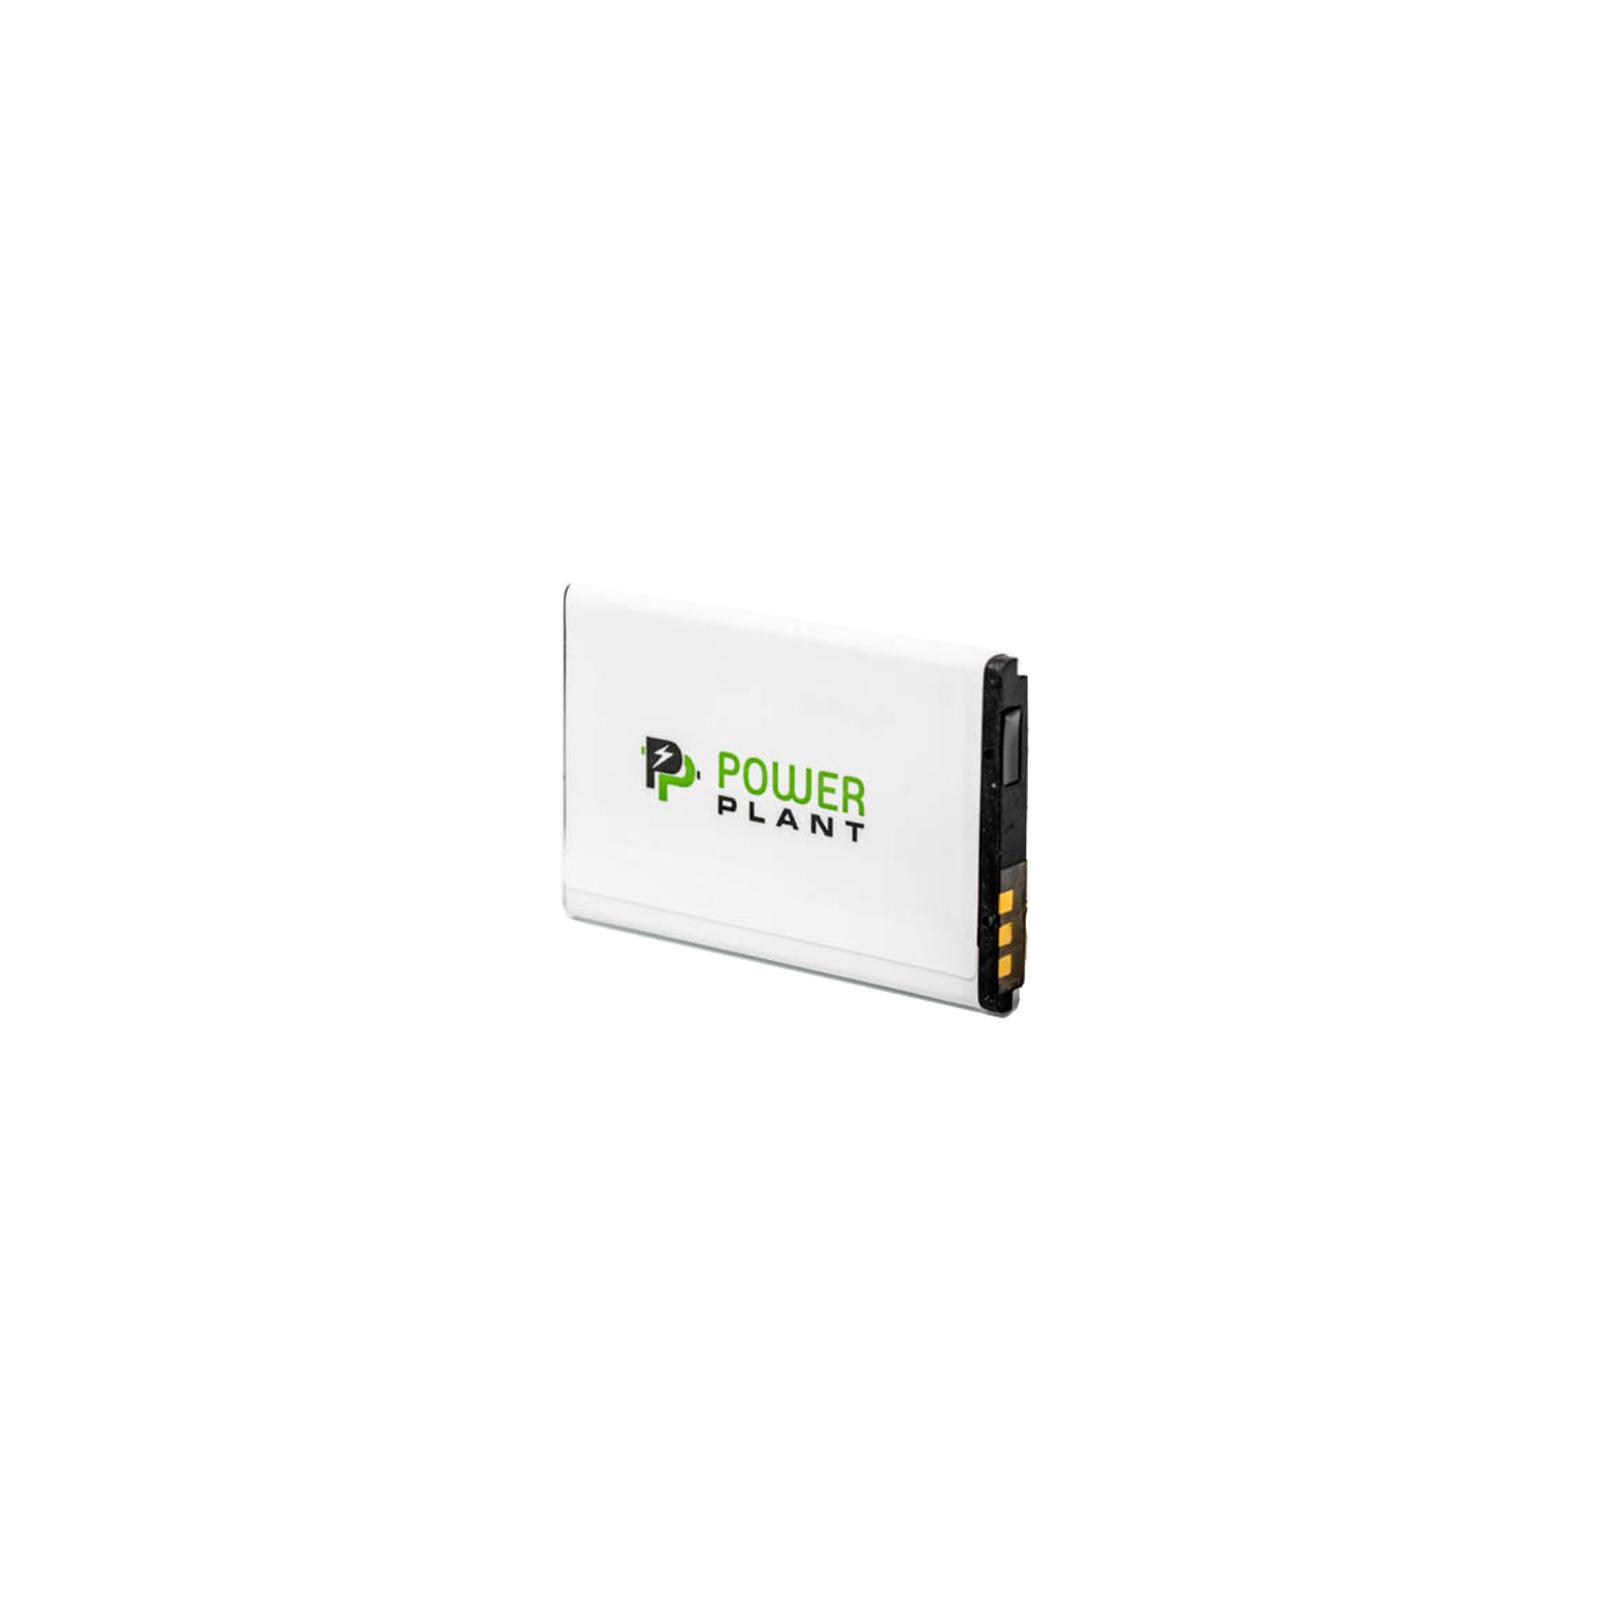 Аккумуляторная батарея PowerPlant Nokia BL-4C (6230, 6100, 5100) (DV00DV1124)